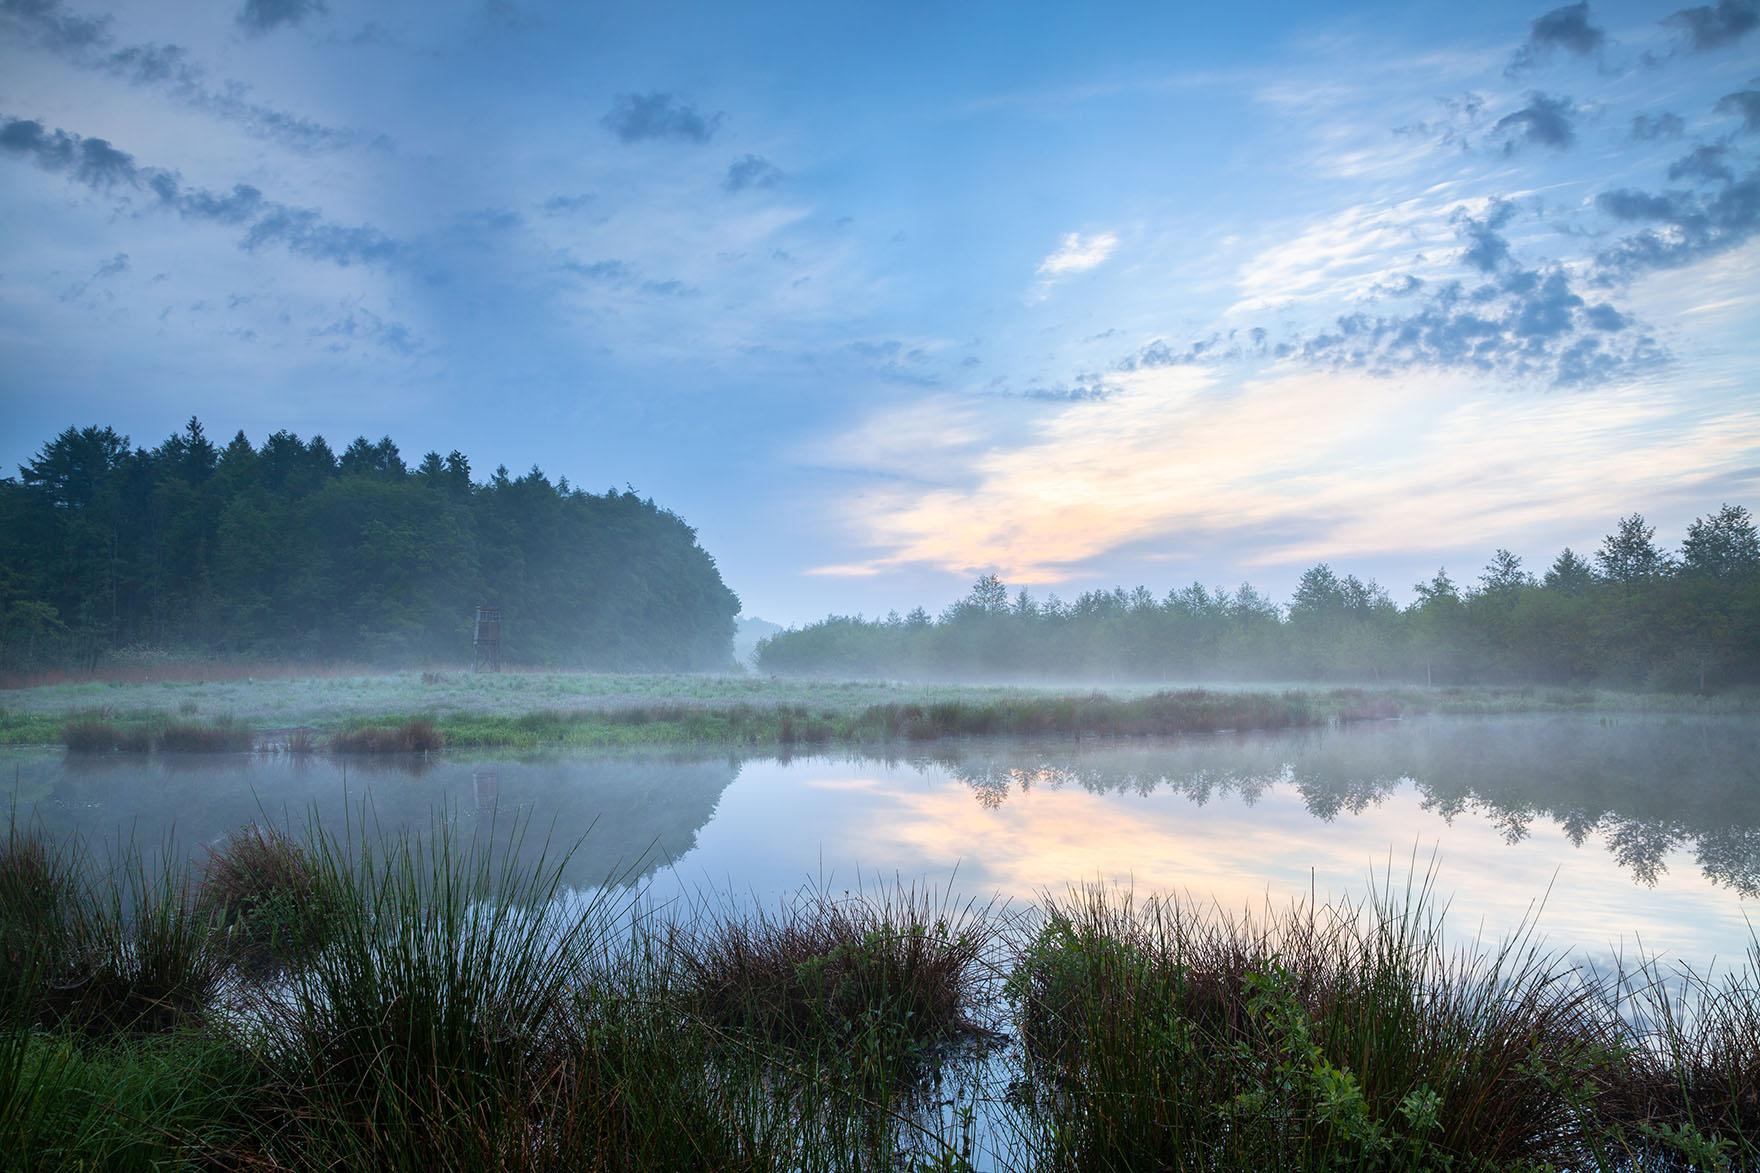 Kleiner Teich im Morgendunst mit dezentem Farbspiel in den Wolken.